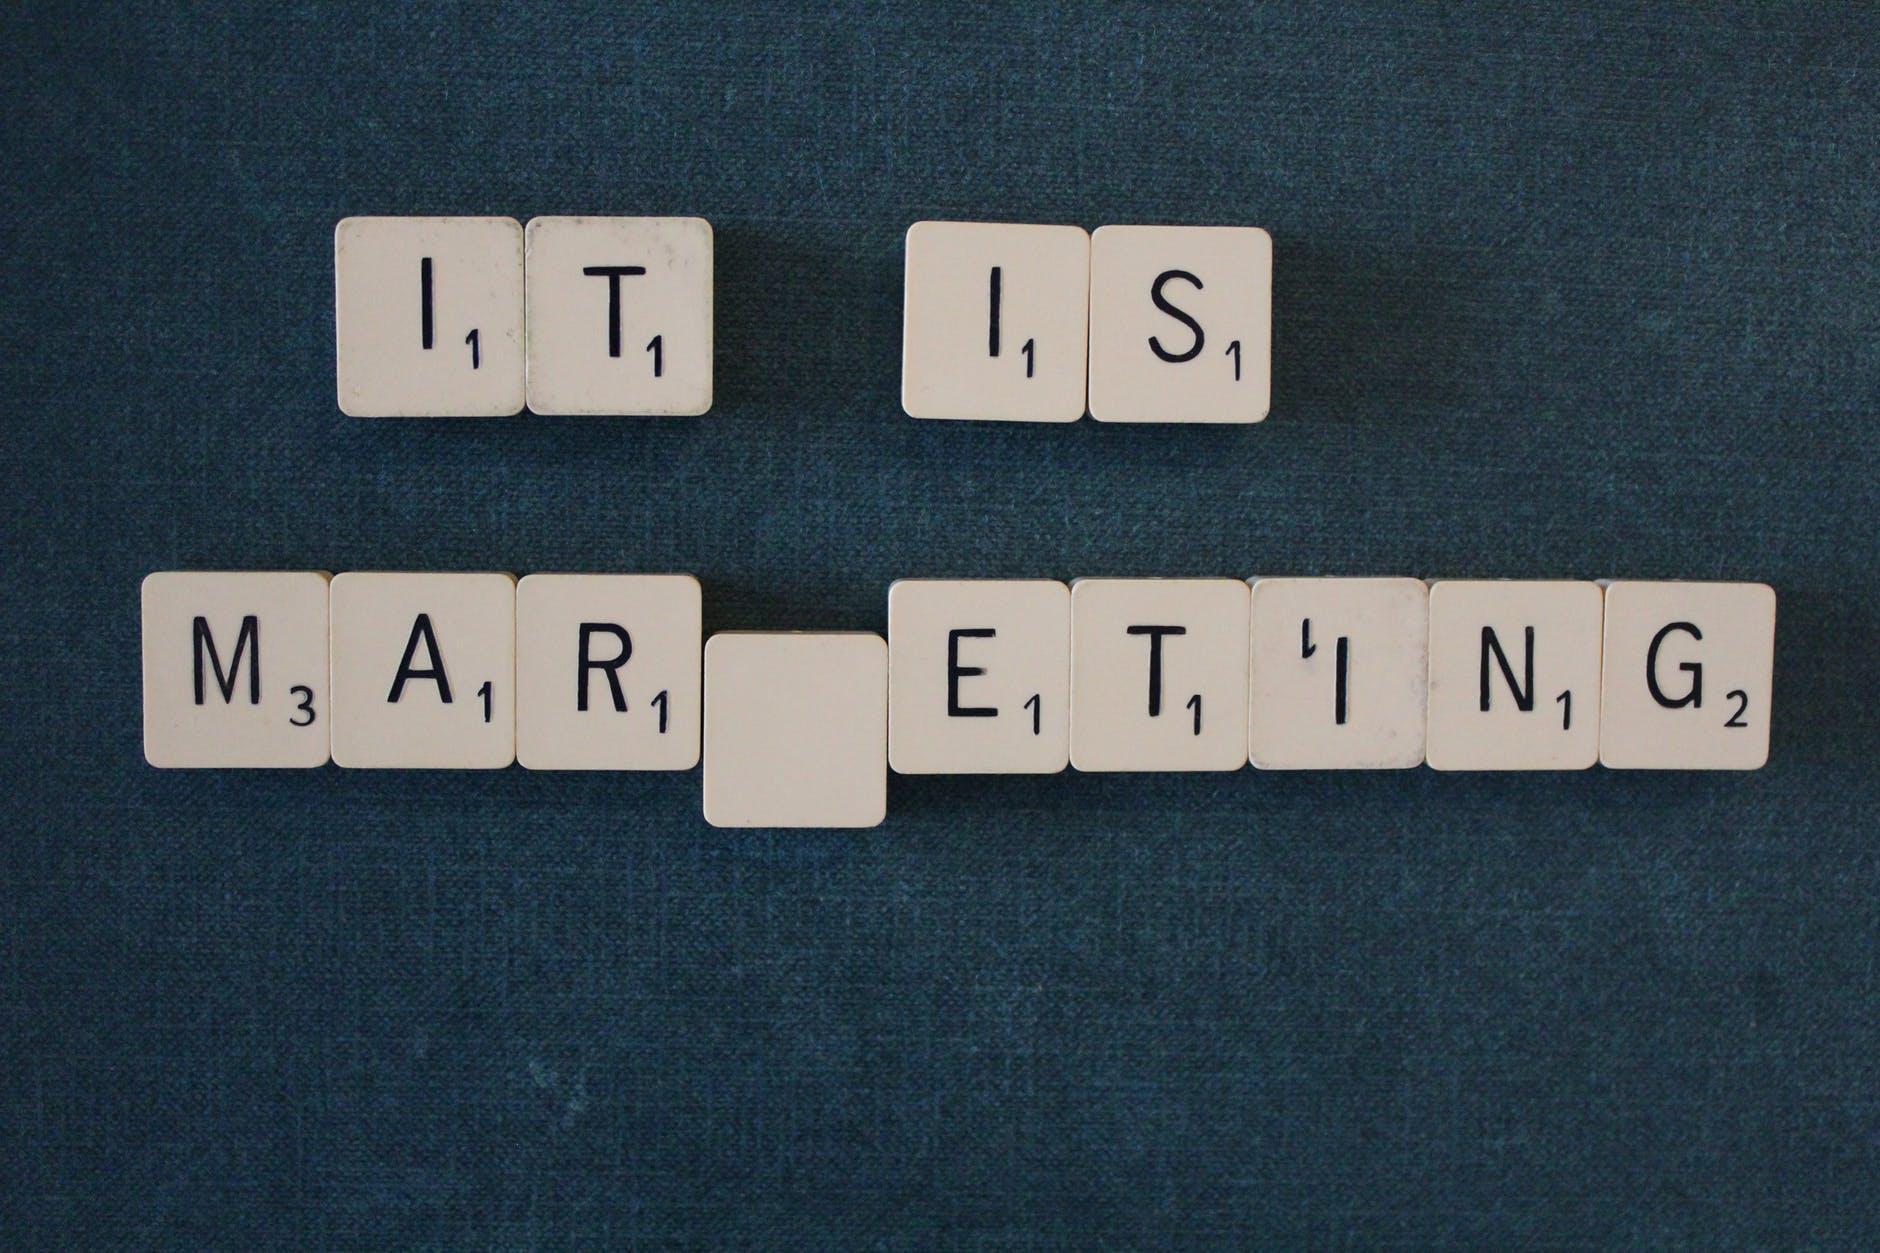 Mengenal Istilah Marketing dalam Dunia Bisnis